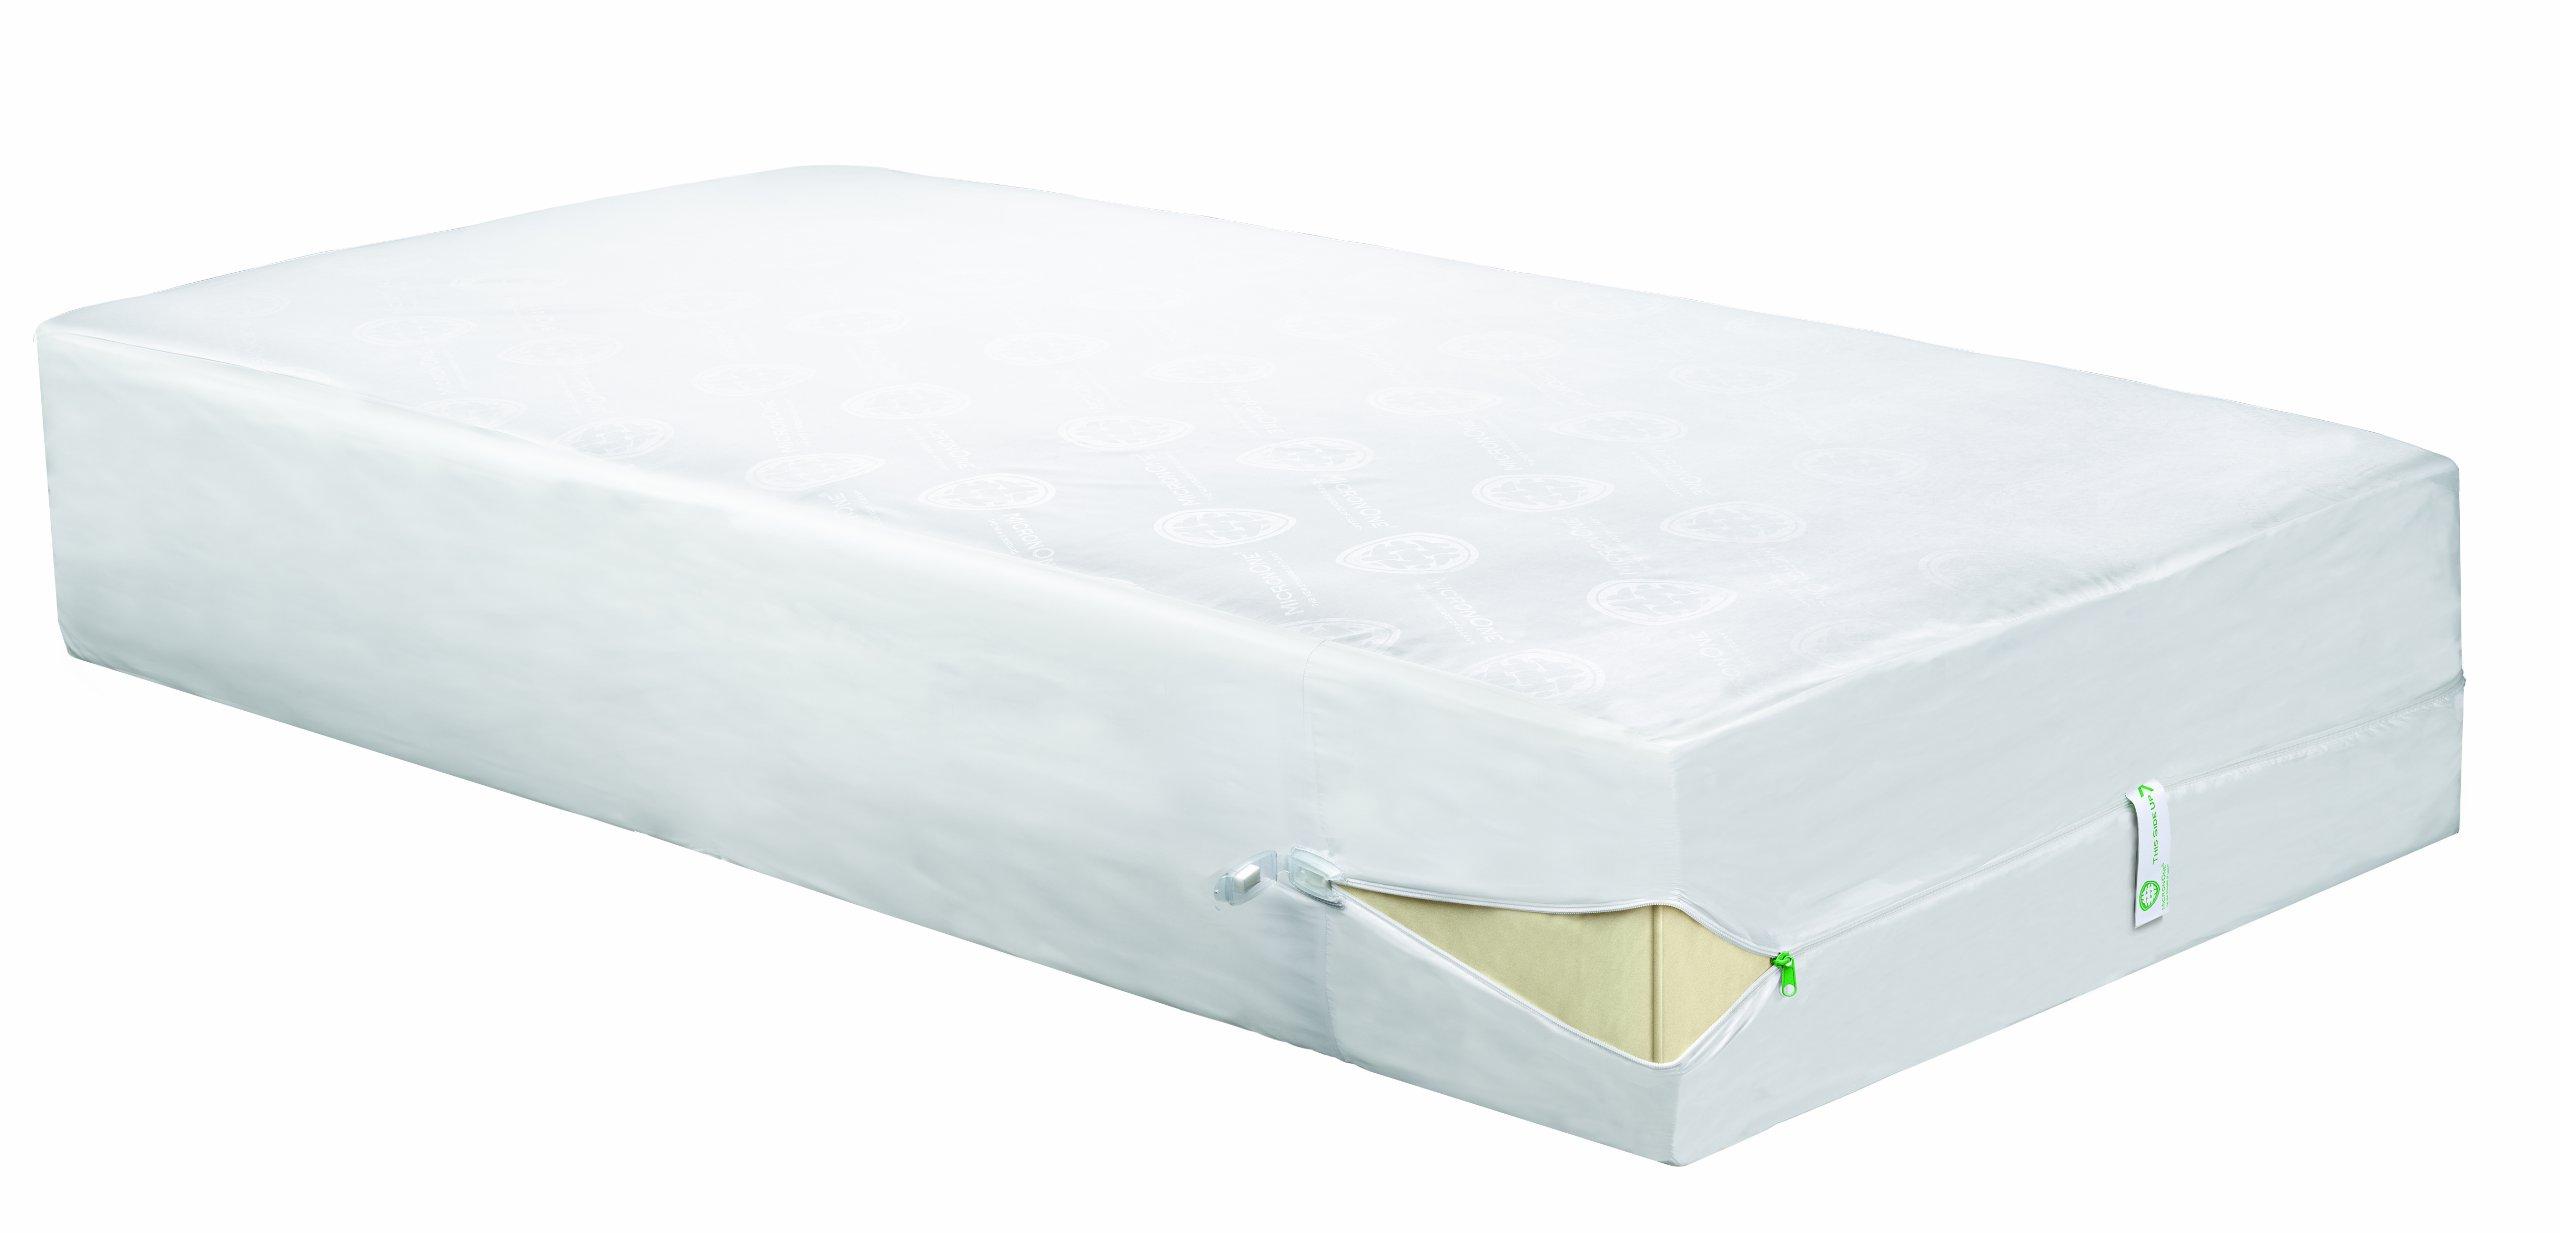 Clean Rest Pro Waterproof, Allergy and Bed Bug Blocking Mattress Encasement, Queen